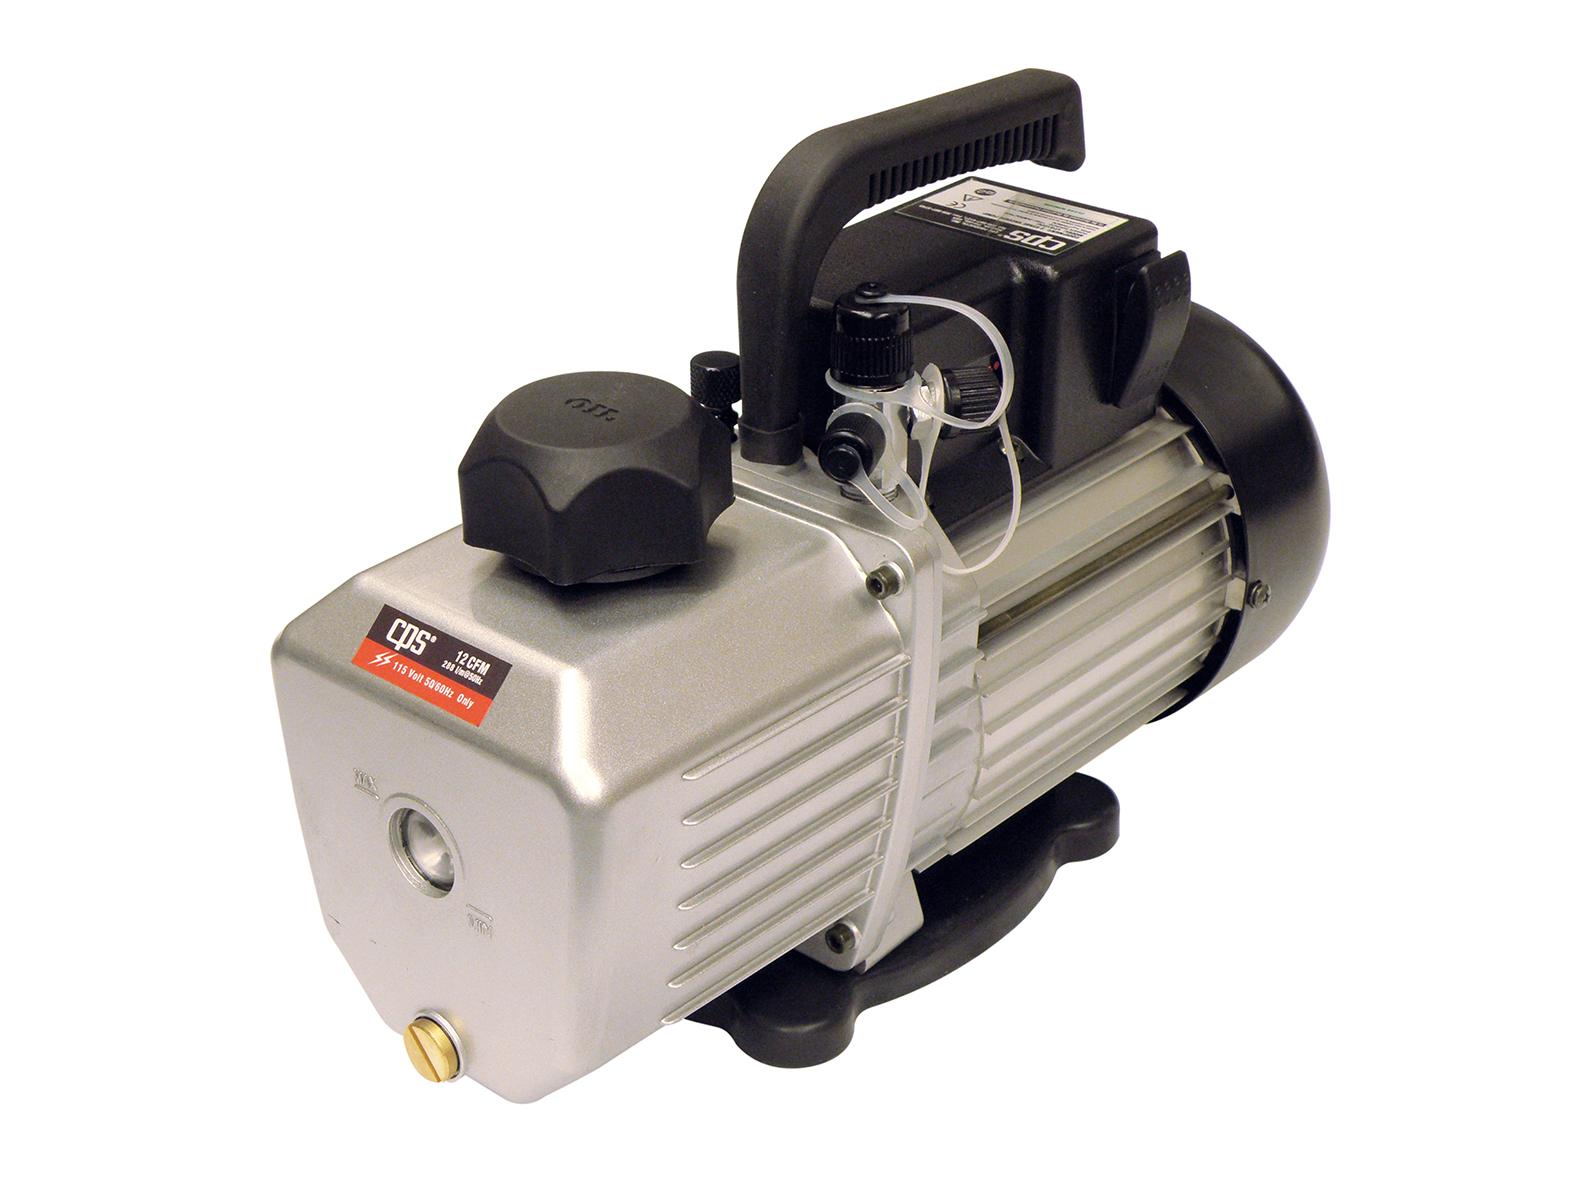 VPS12DU | Pro-Set® 12 CFM Sparkless Vacuum Pump - CPS Products Inc